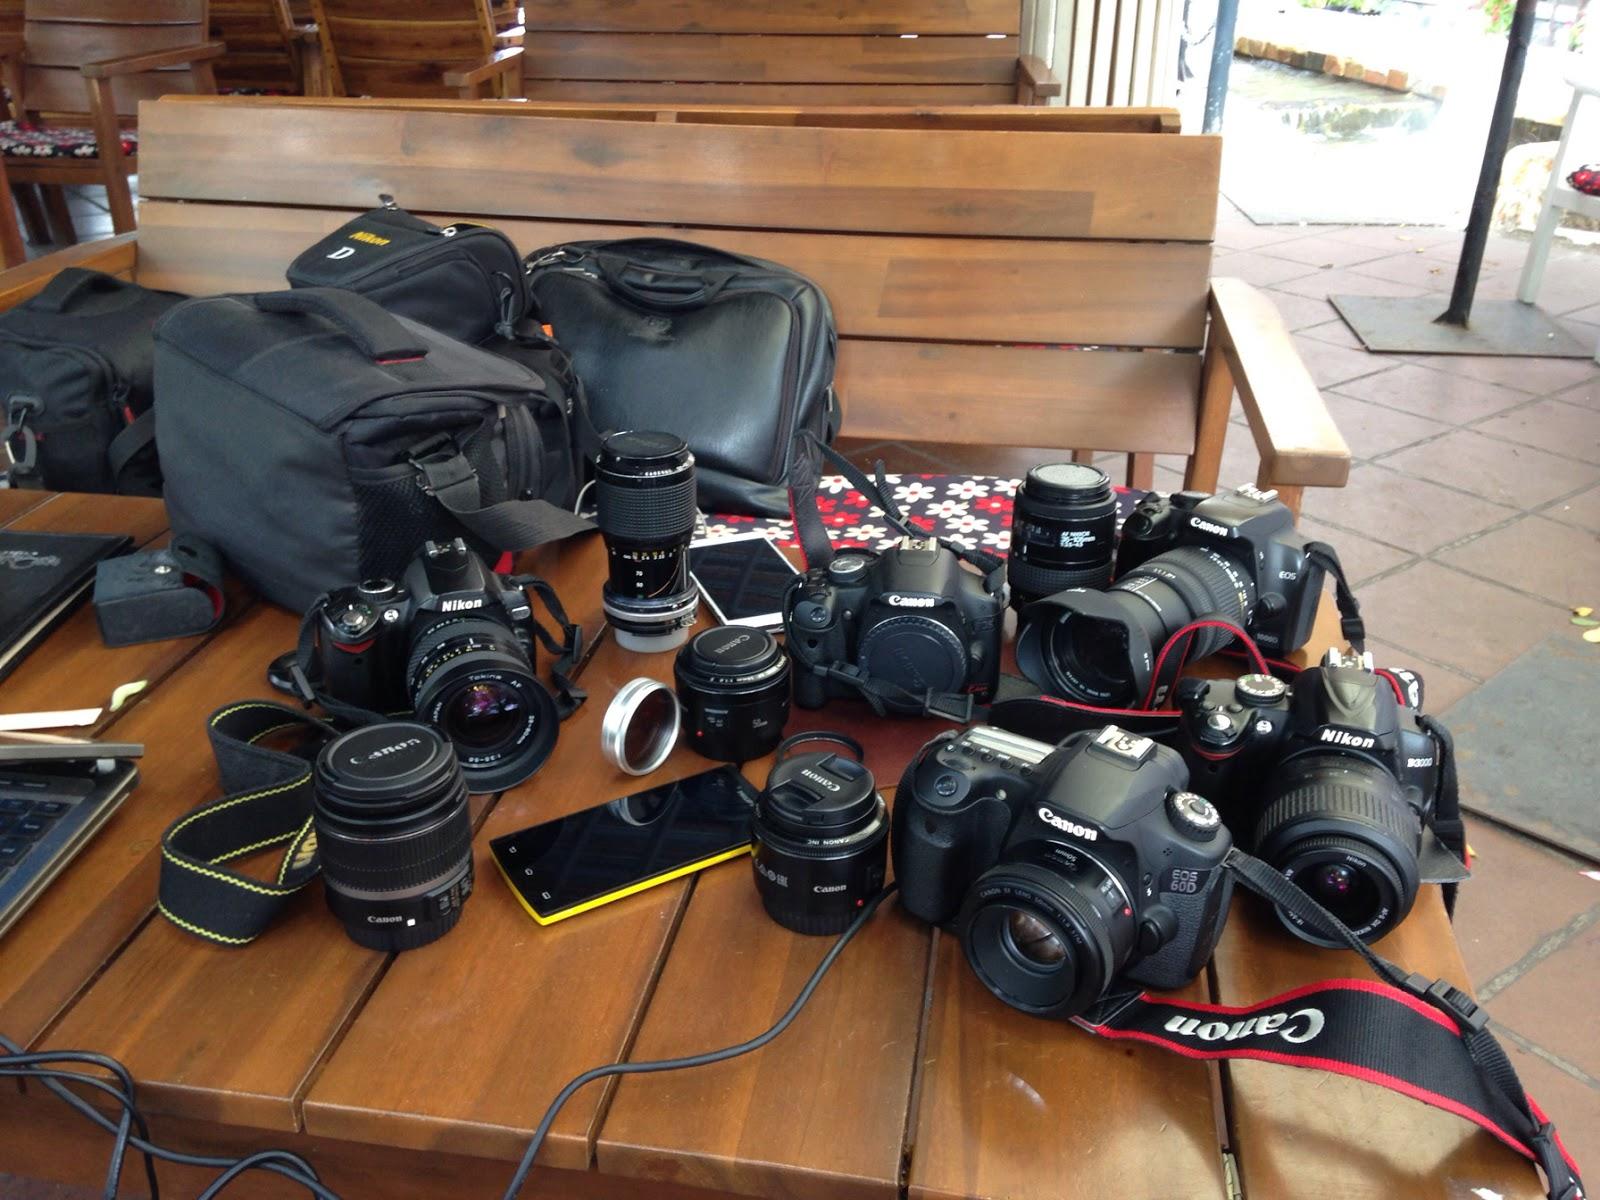 Cho thuê máy ảnh DSLR đáp ưng hầu hết các nhu cầu cơ bản của dân